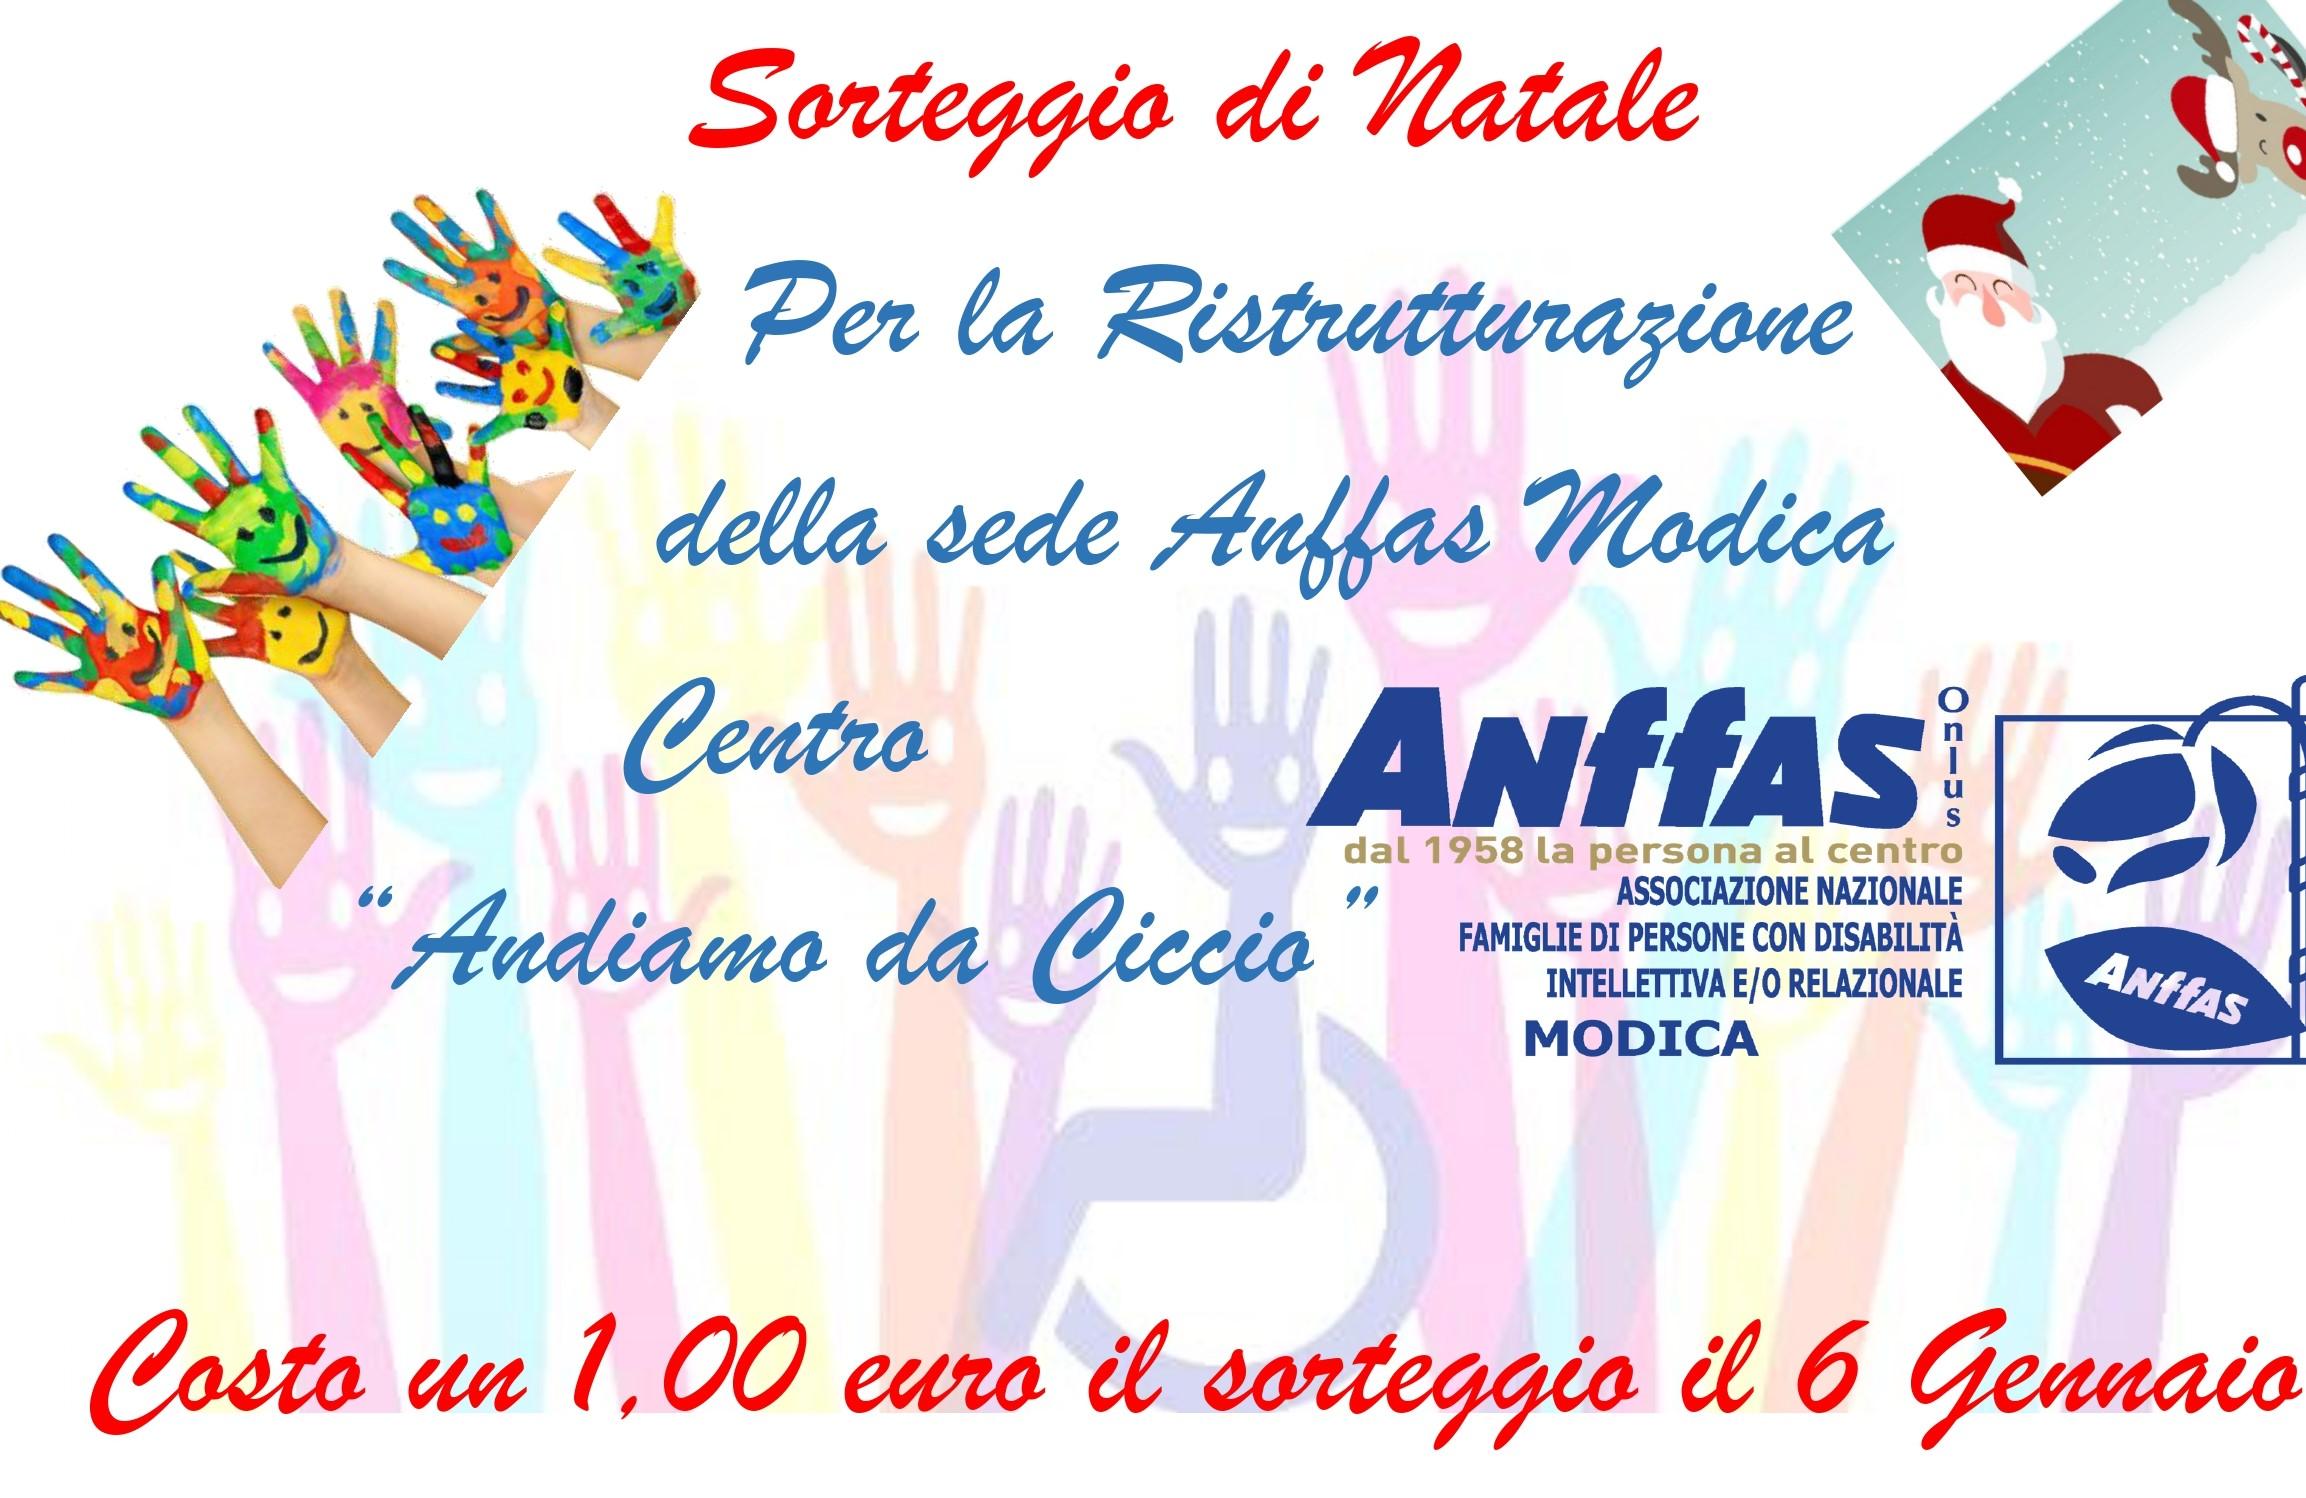 Modica, sorteggio solidale il 6 gennaio per sostenere l'Anffas e i suoi progetti